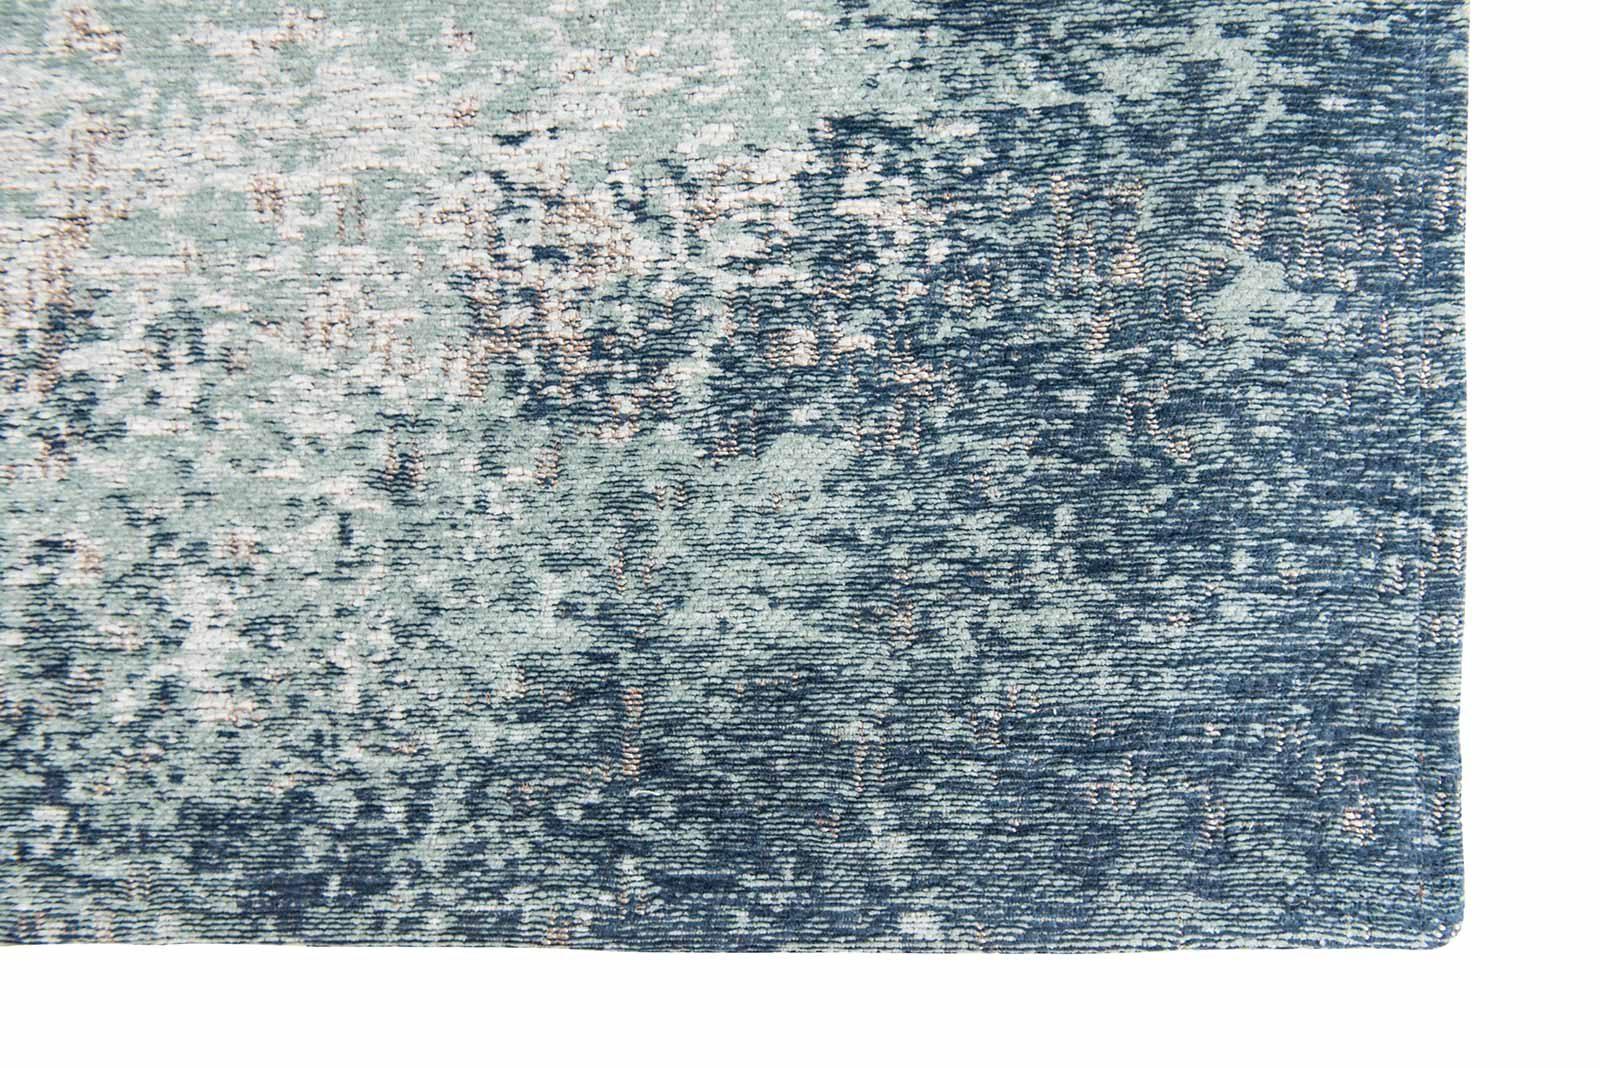 Louis De Poortere alfombras Villa Nova LX 8769 Marka Teal corner